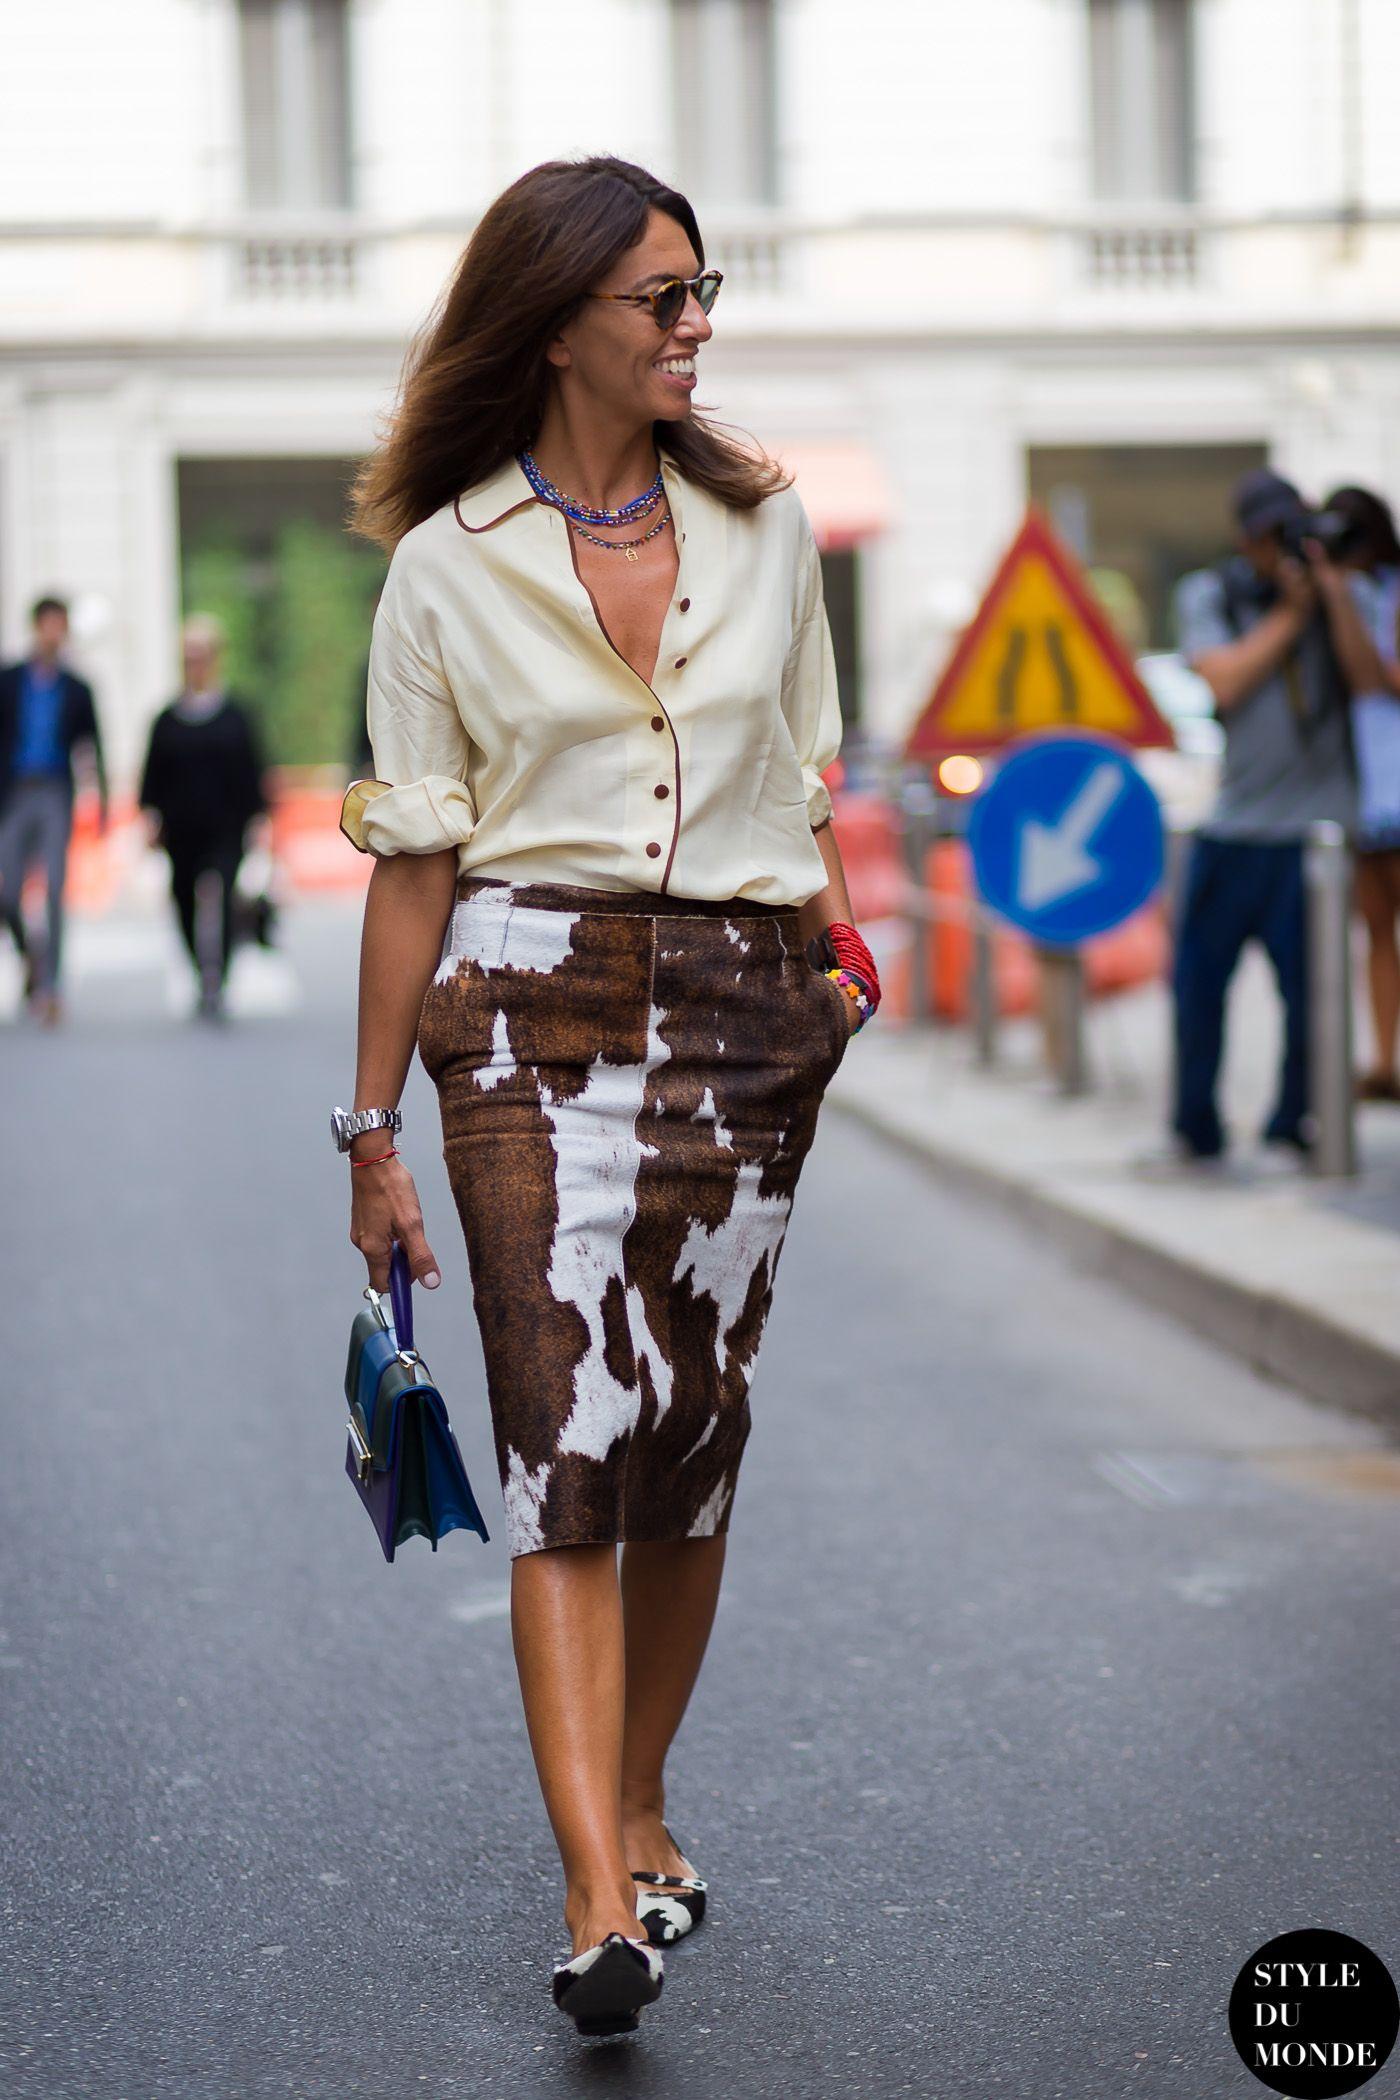 ace combo. Vivs in Milan. #VivianaVolpicella